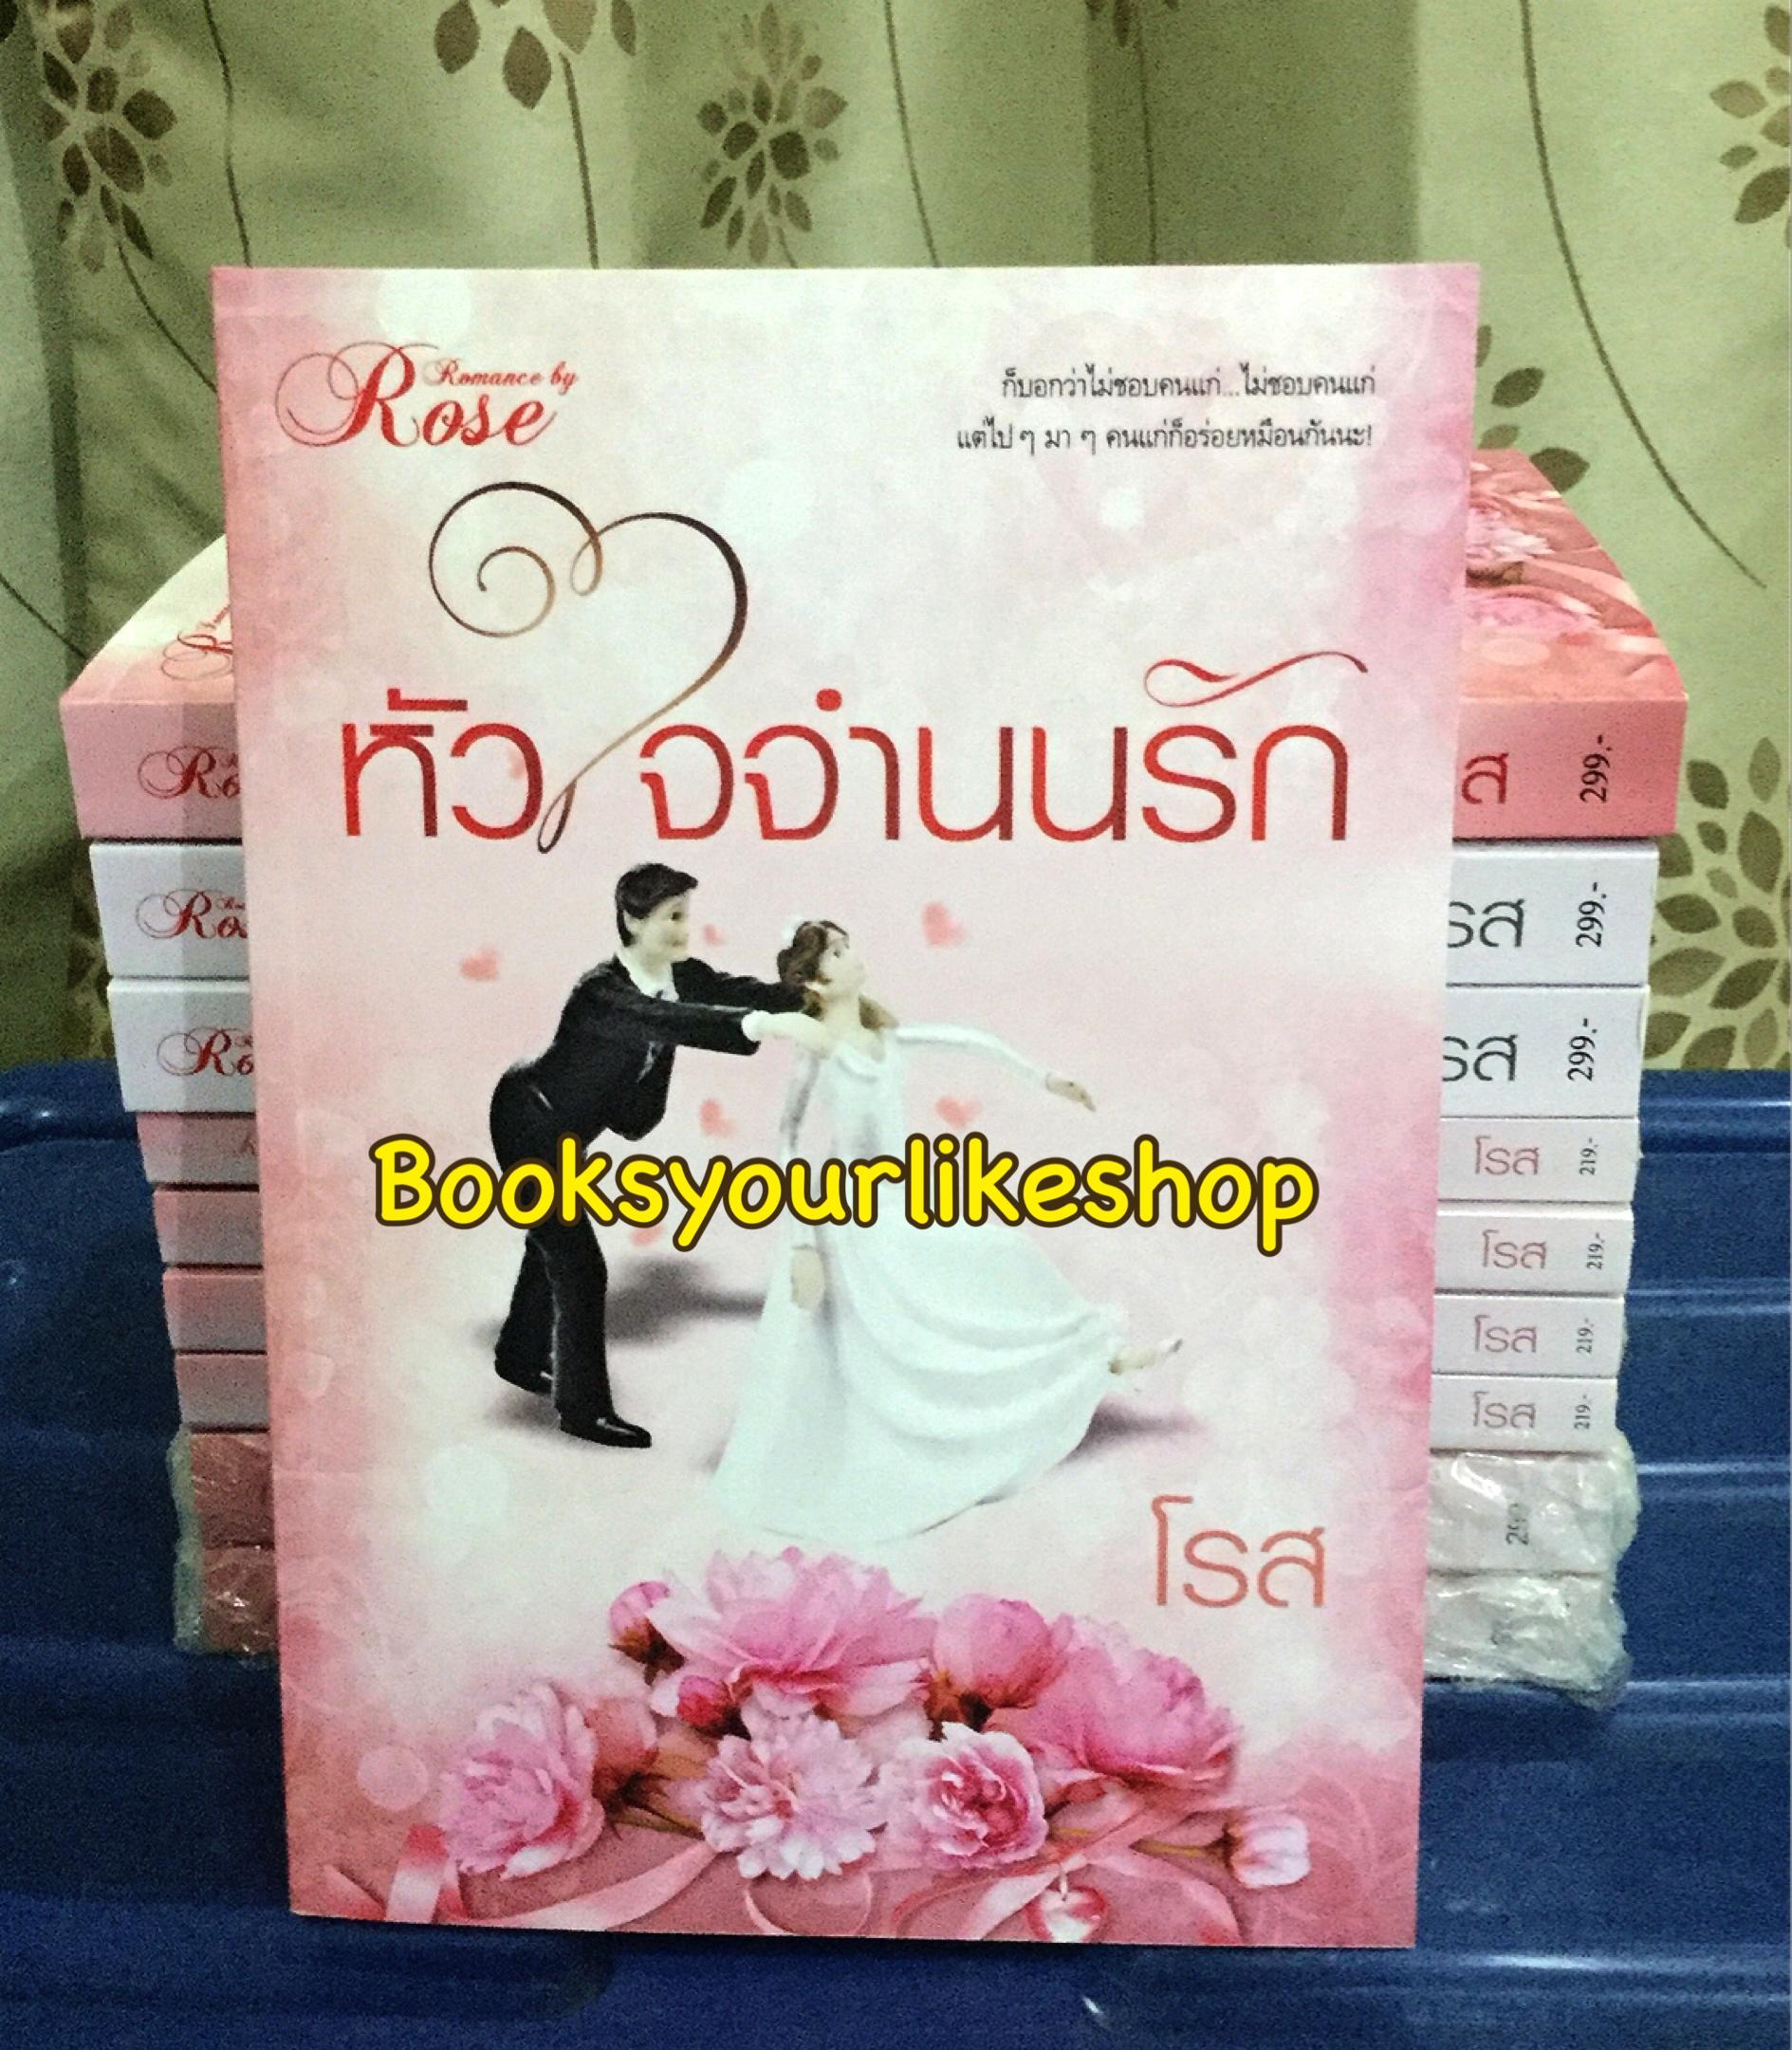 หัวใจจำนนรัก / โรส Rose หนังสือใหม่ทำมือ ***สนุกค่ะ***